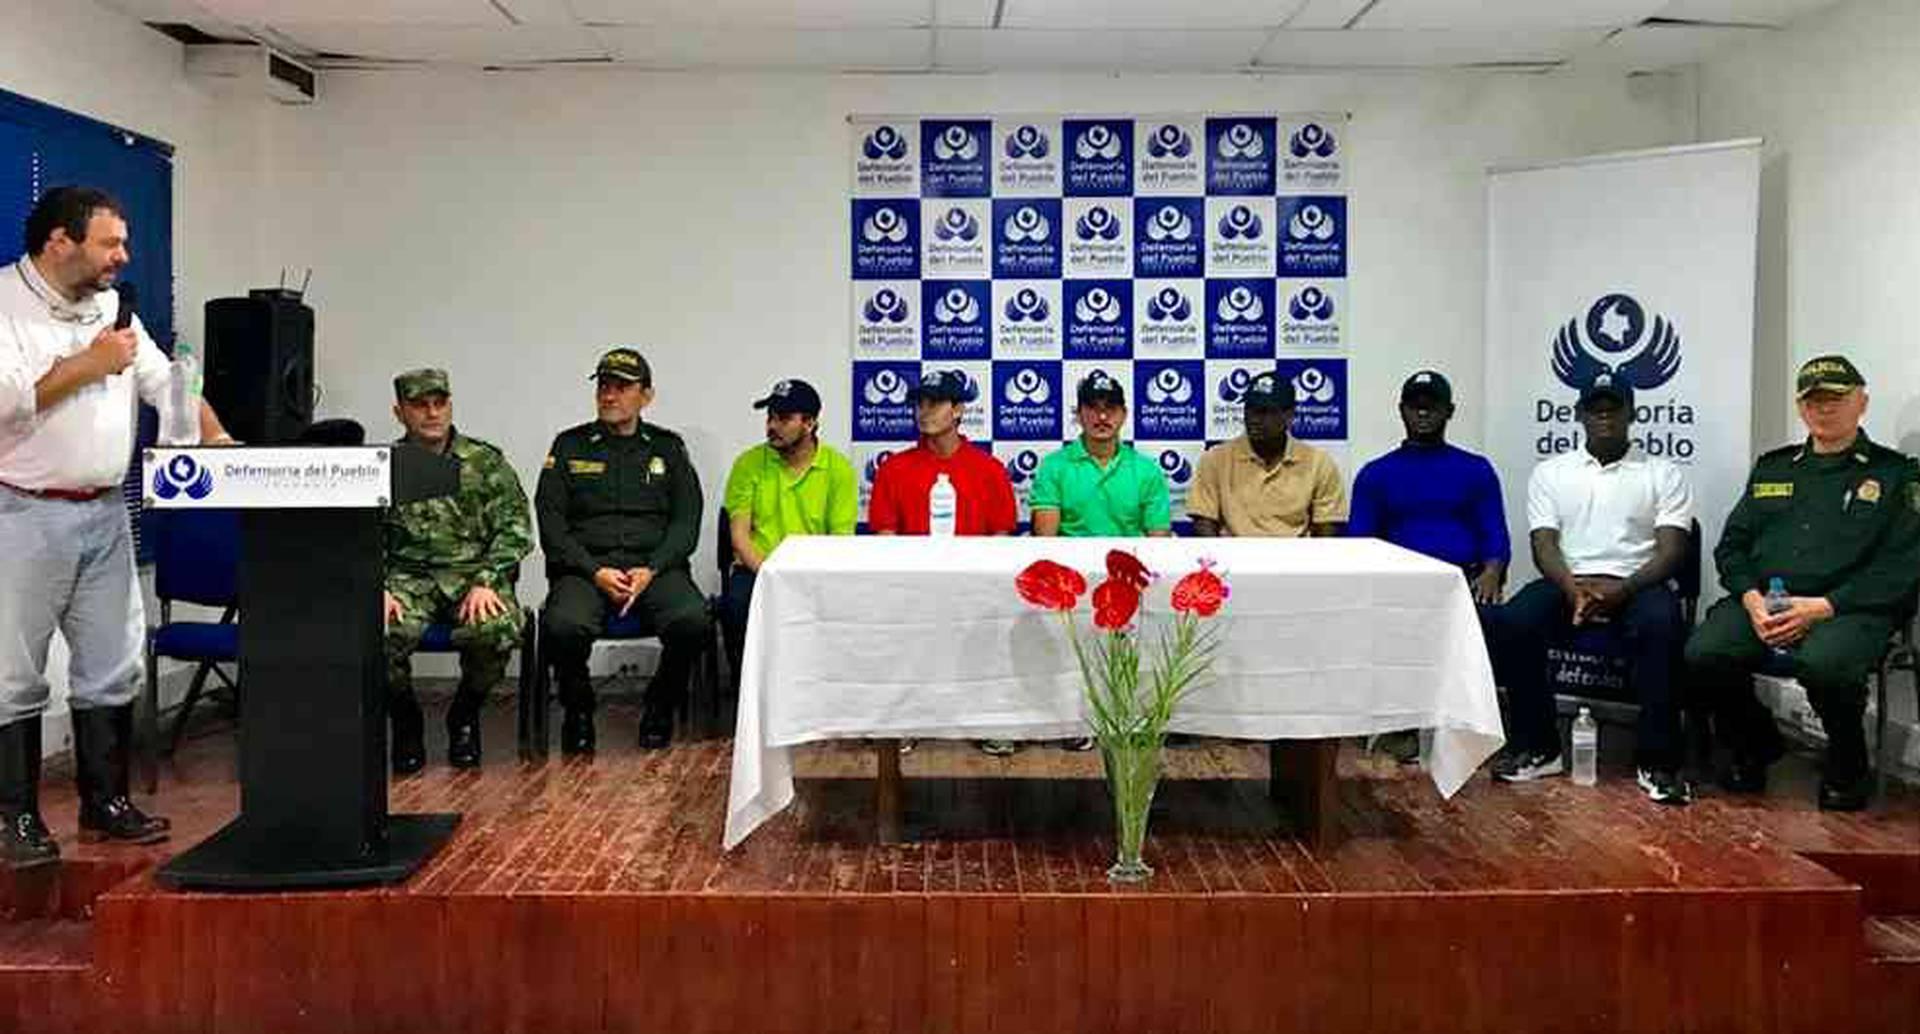 La entrega de las personas secuestradas fue hecha a una comisión humanitaria.